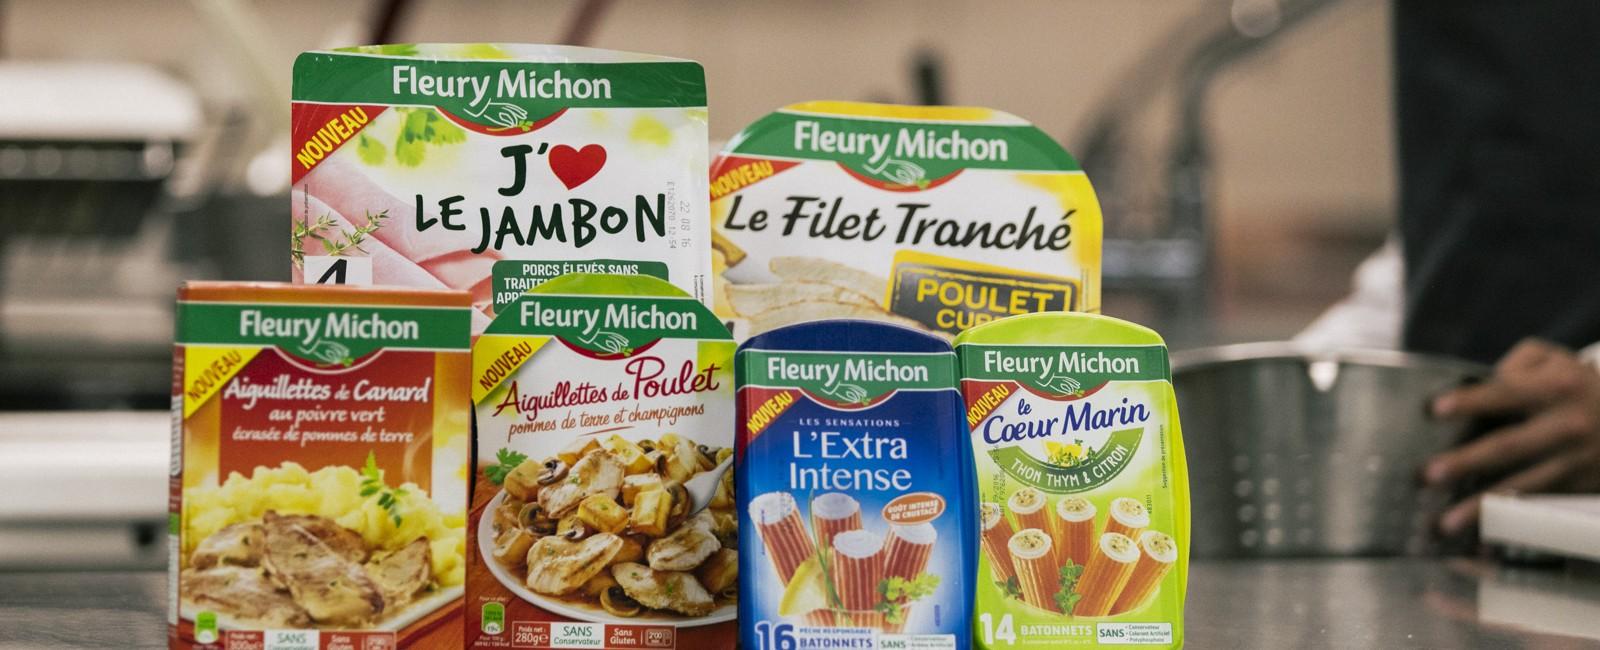 nouveautés produits surimi charcuteries traiteur fleury michon manger mieux